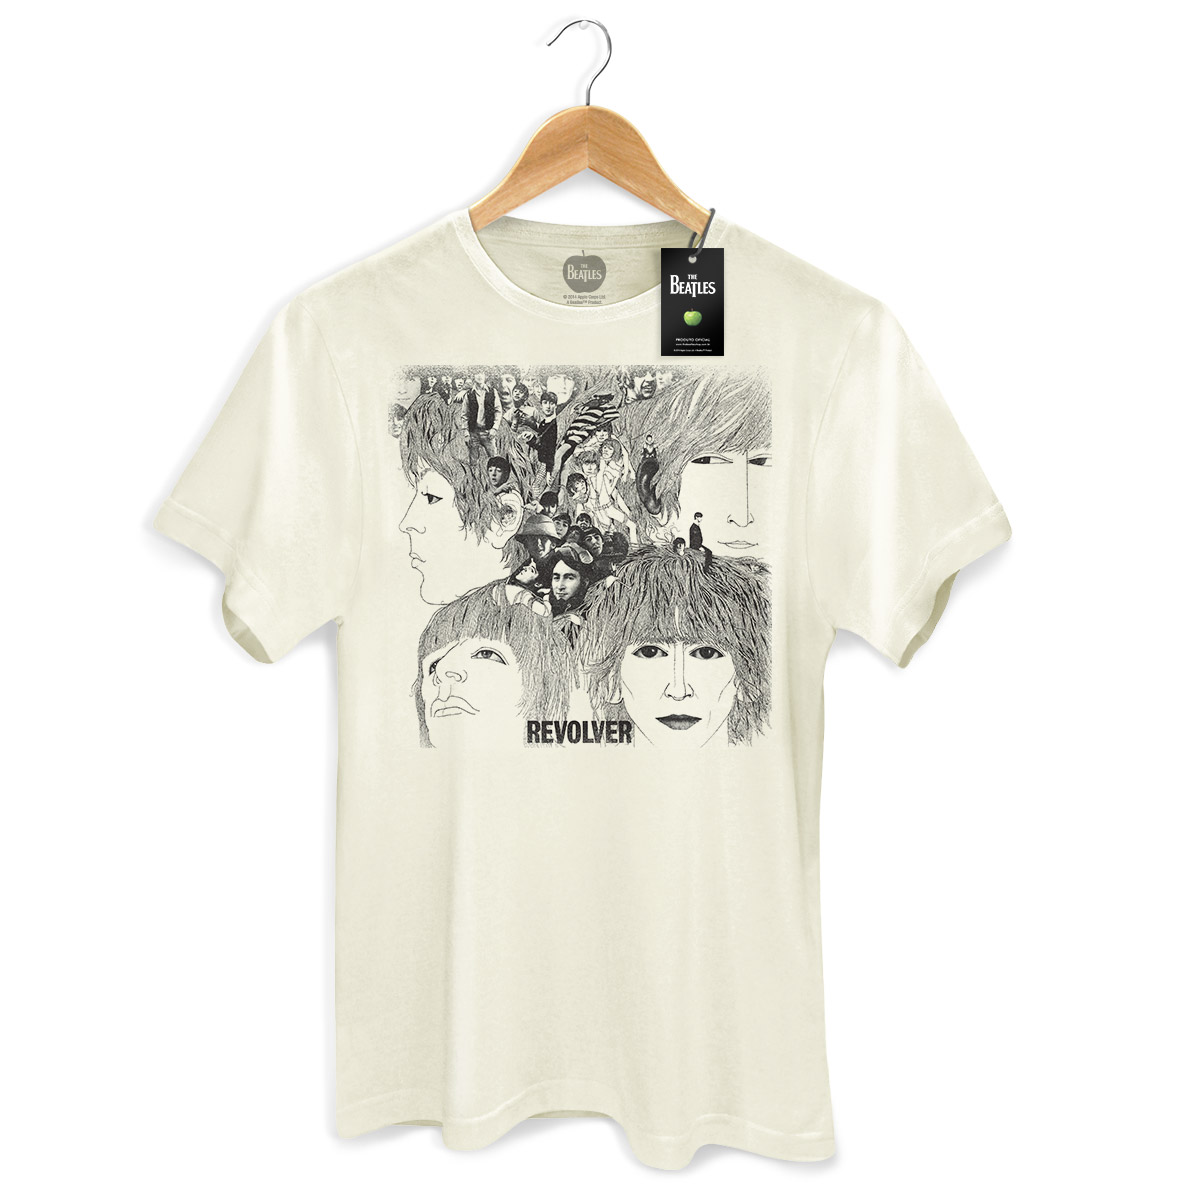 Camiseta Unissex The Beatles Revolver